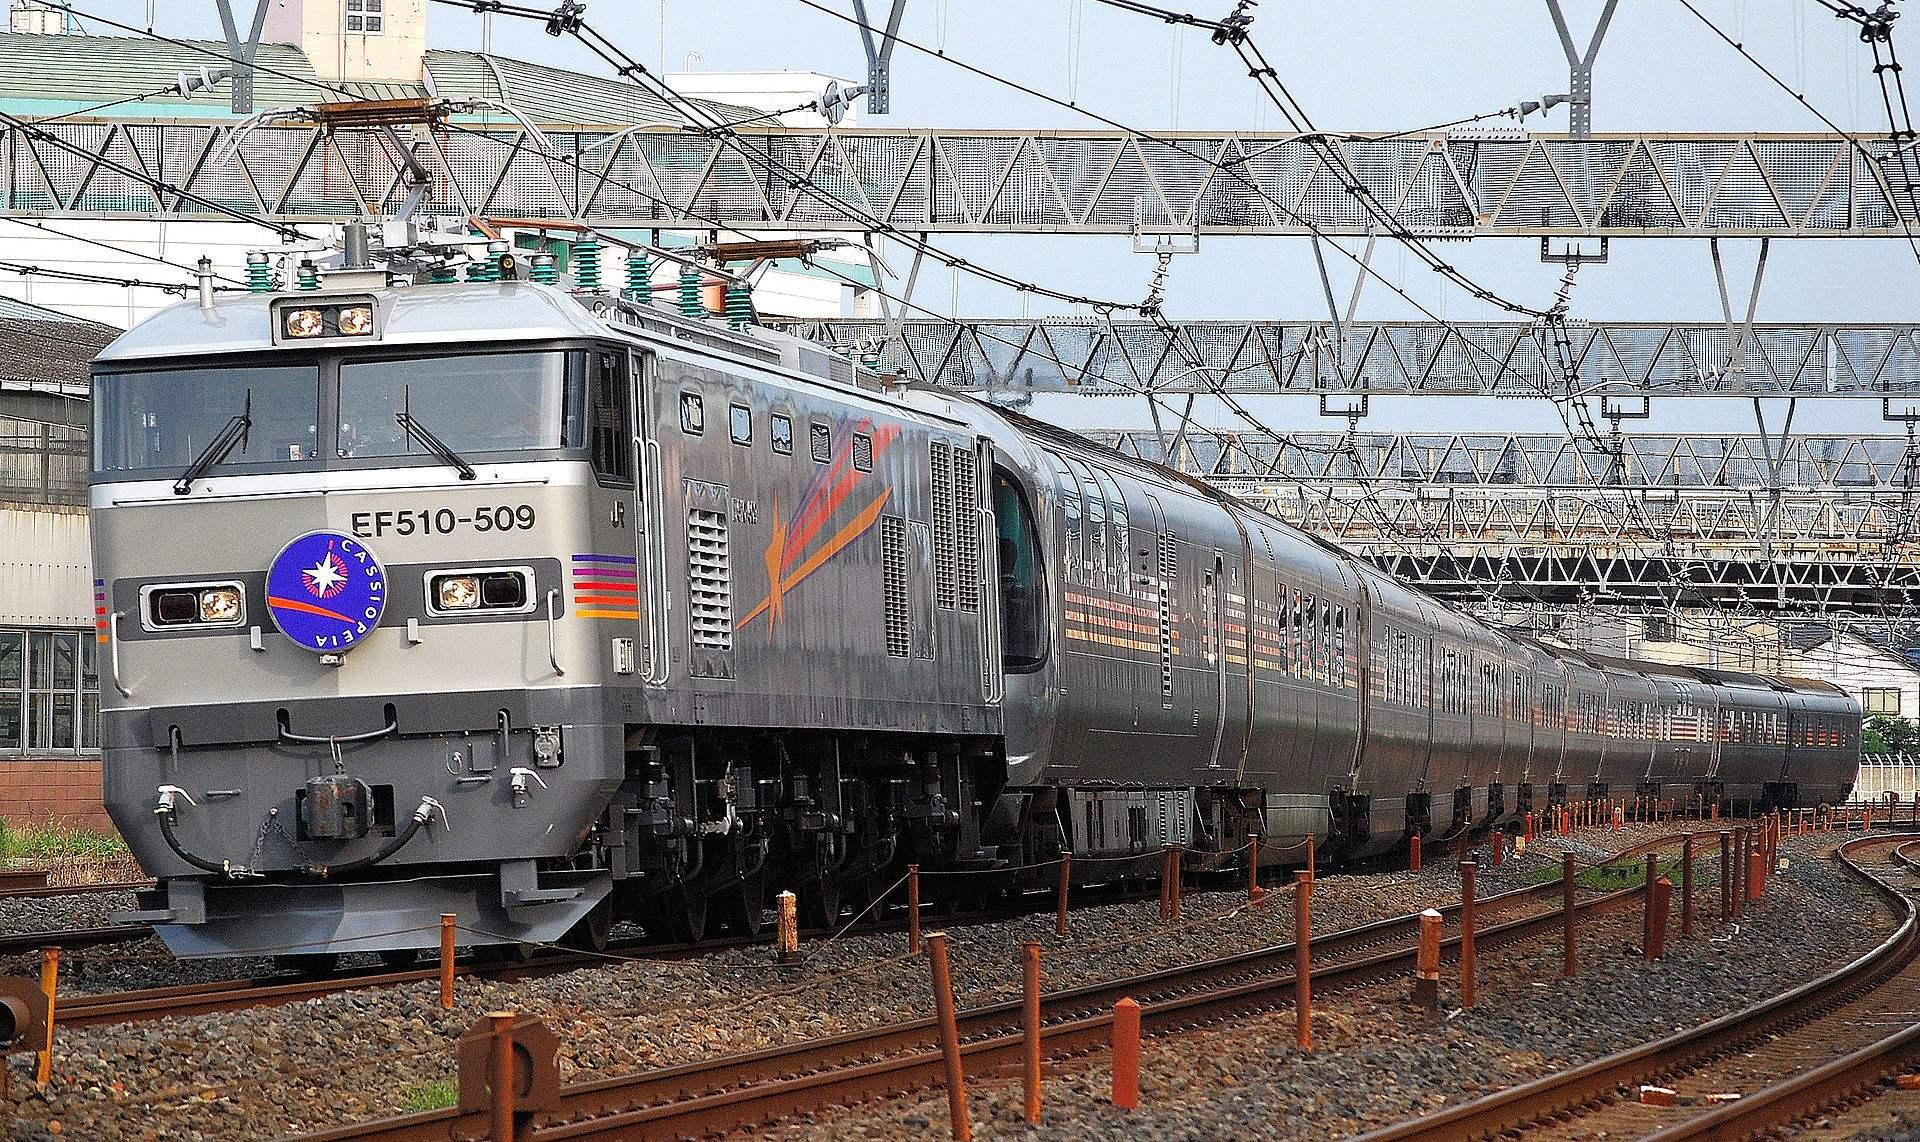 在日本乘坐这样的豪华列车旅行,简直太梦幻了!